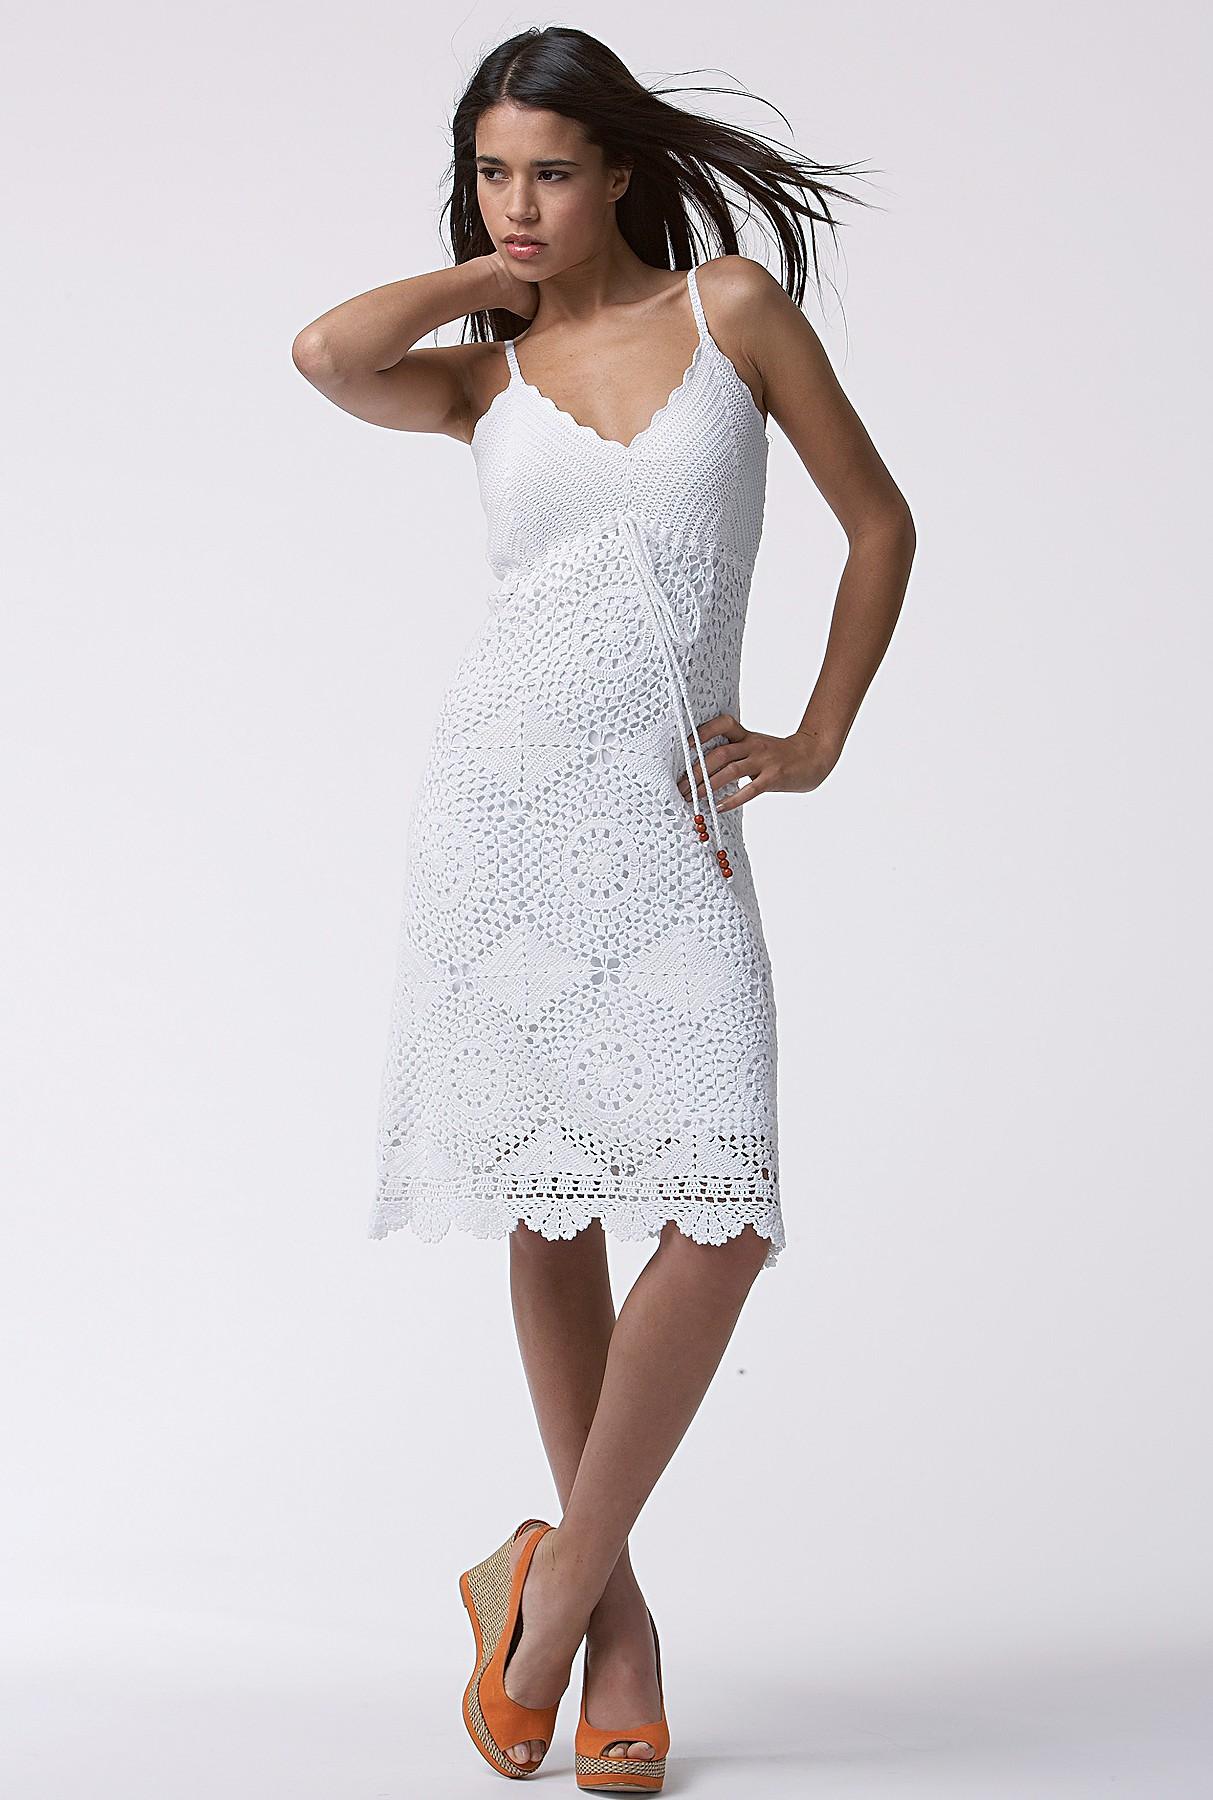 платья осень-зима 2012/2013 года: платья